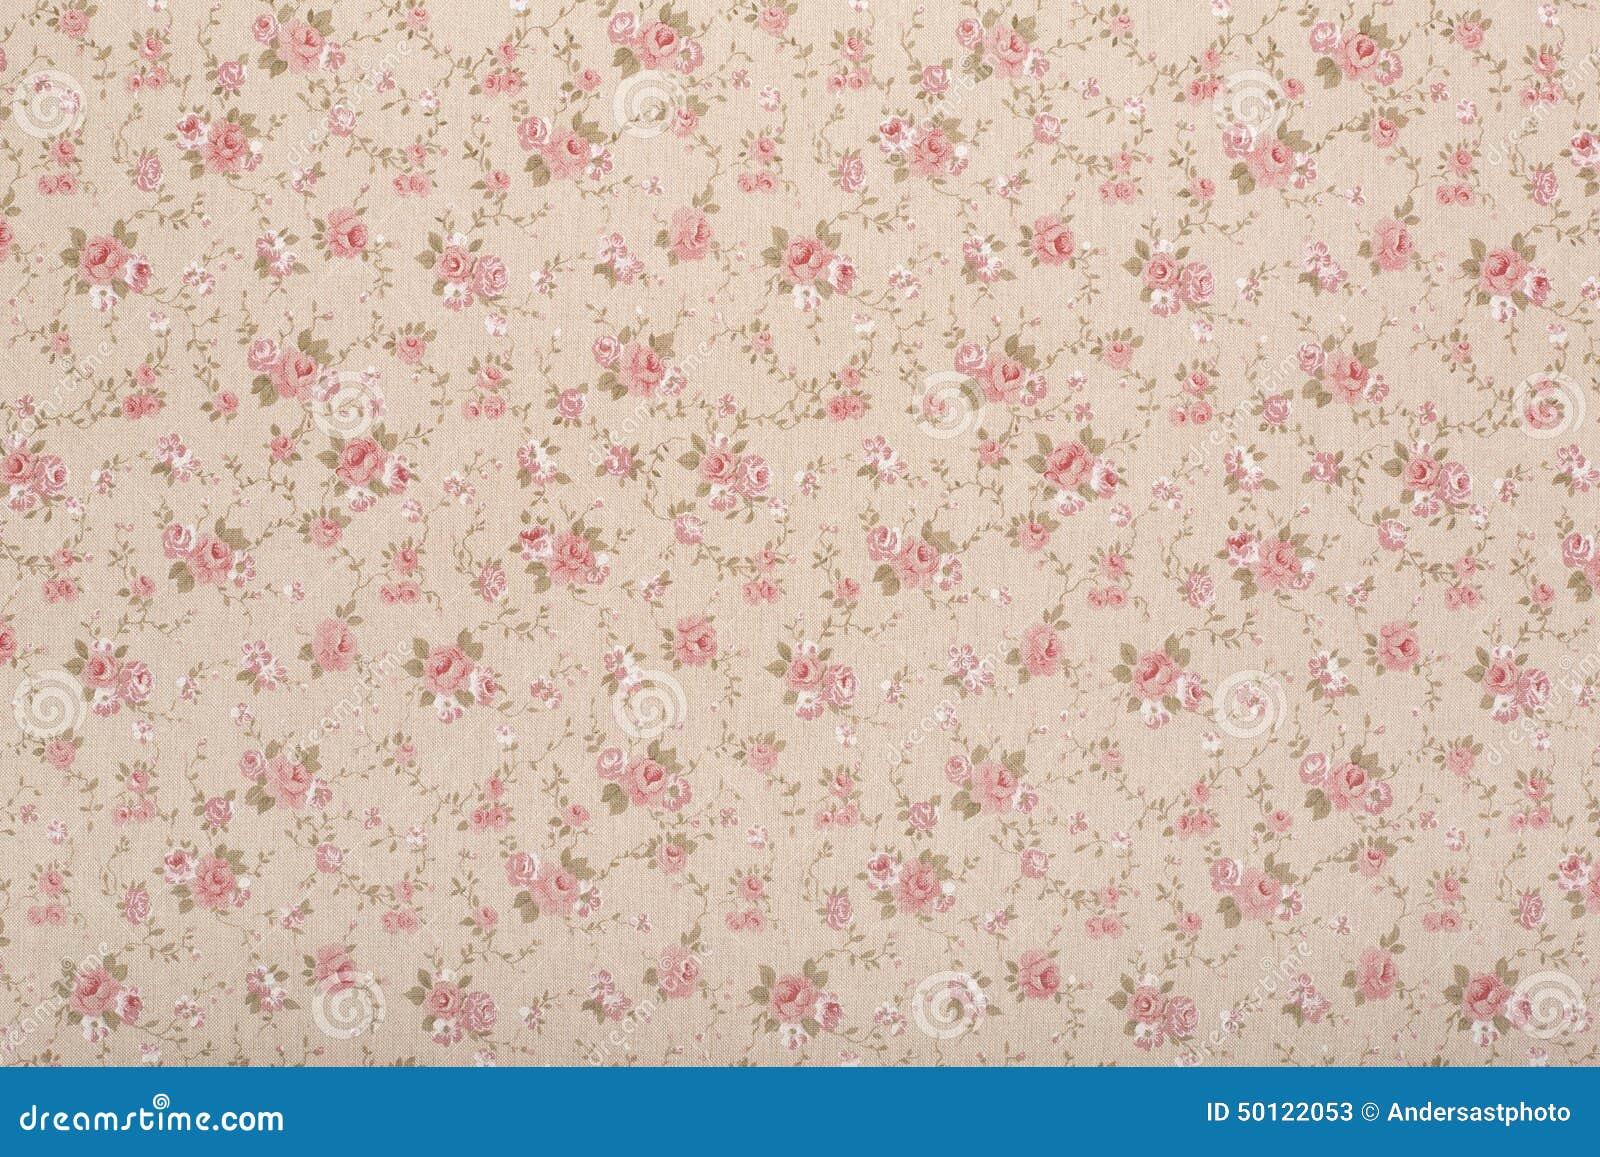 tapisserie florale fond romantique avec des roses photo. Black Bedroom Furniture Sets. Home Design Ideas